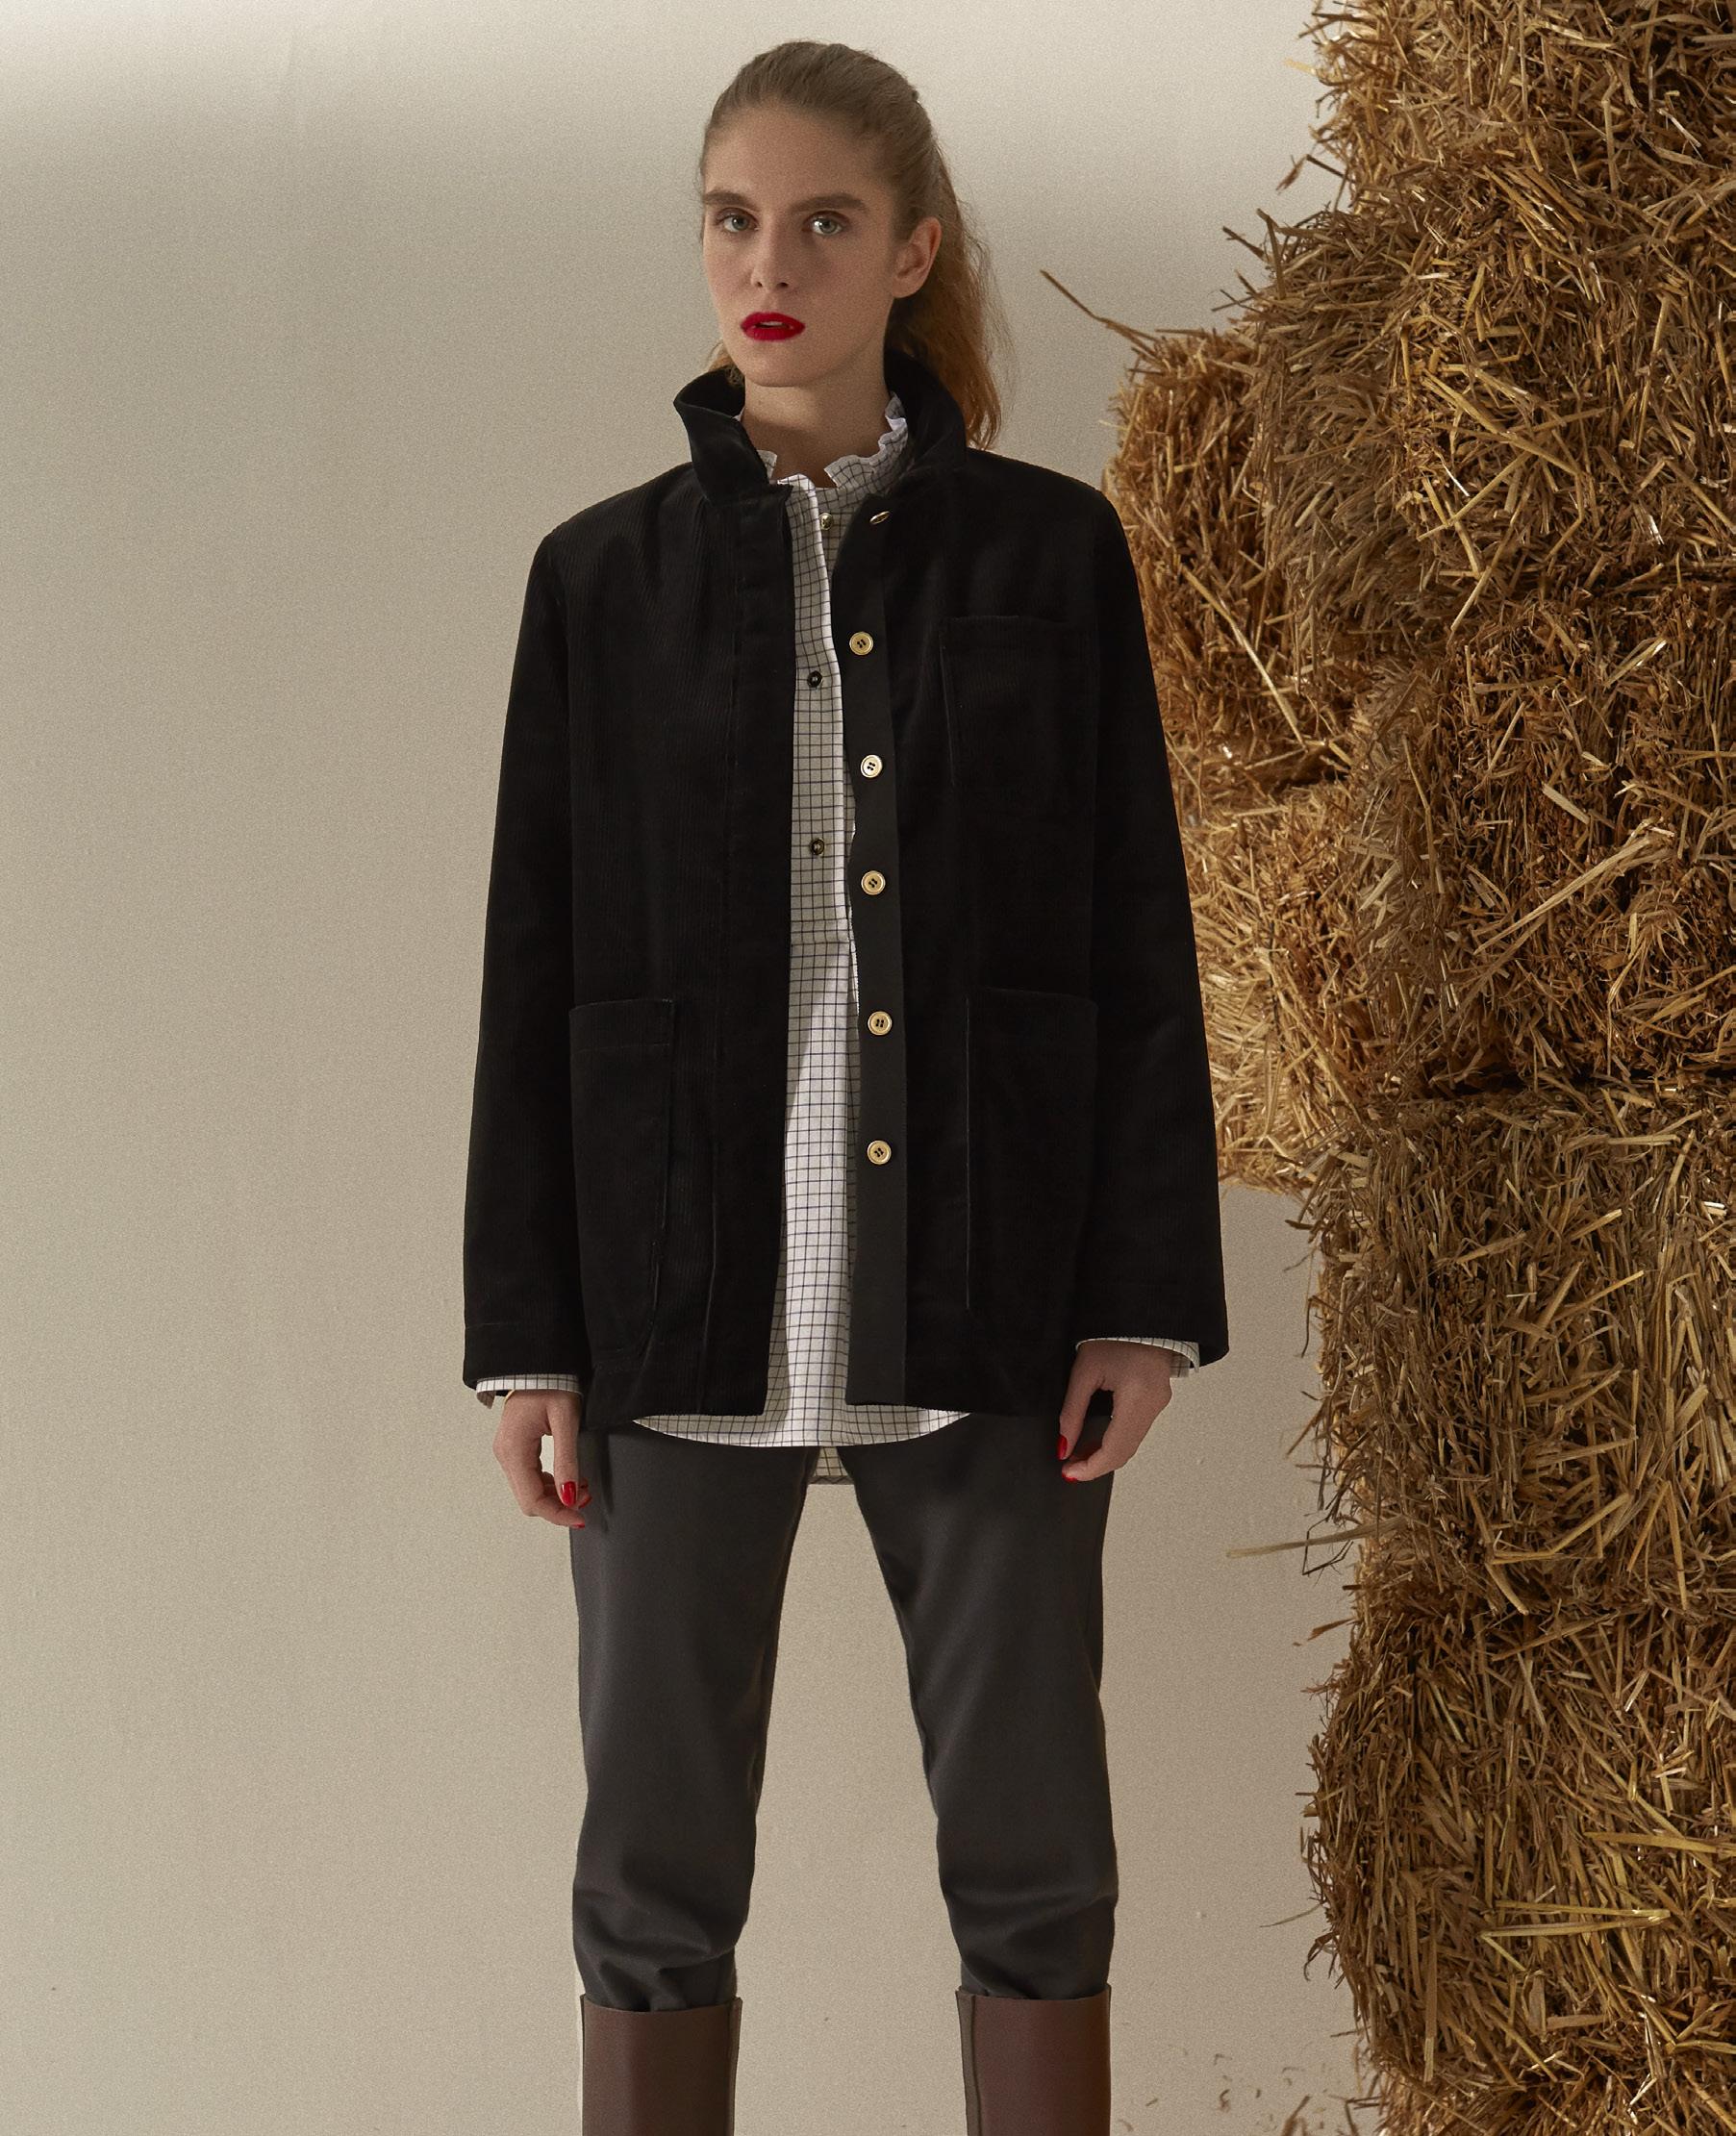 Veste Fugue, Récit & Pantalon Globe-Trotter